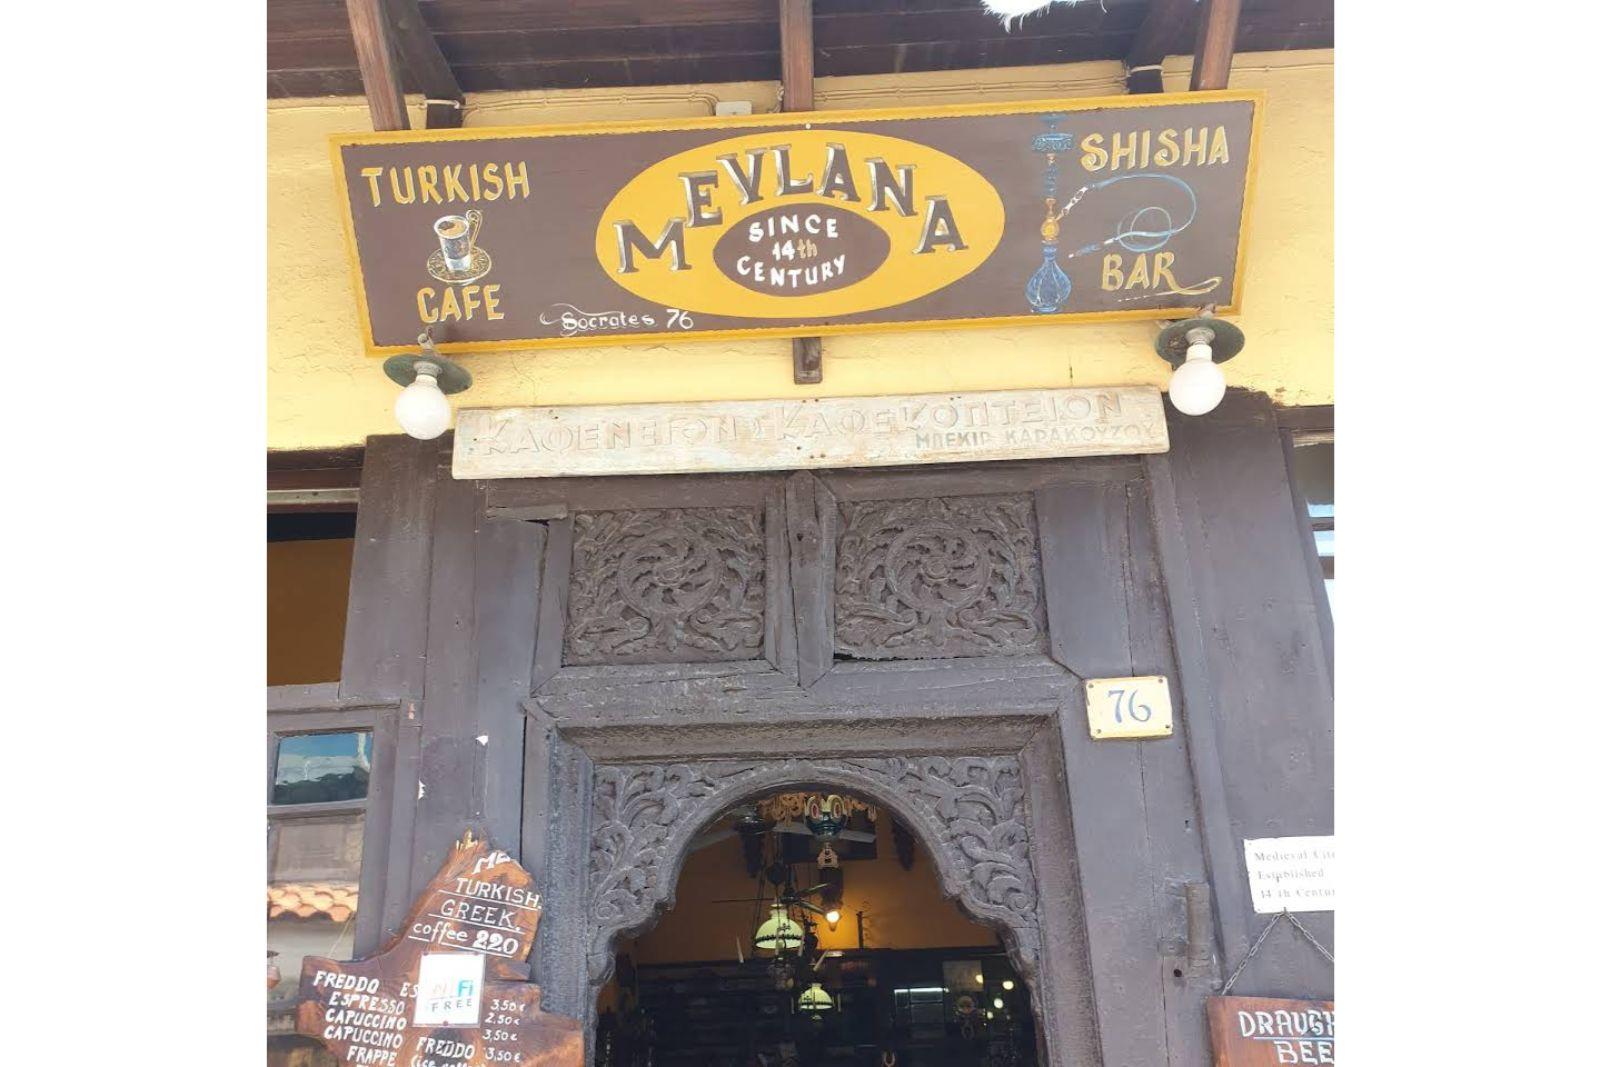 CAFE MEVLANA